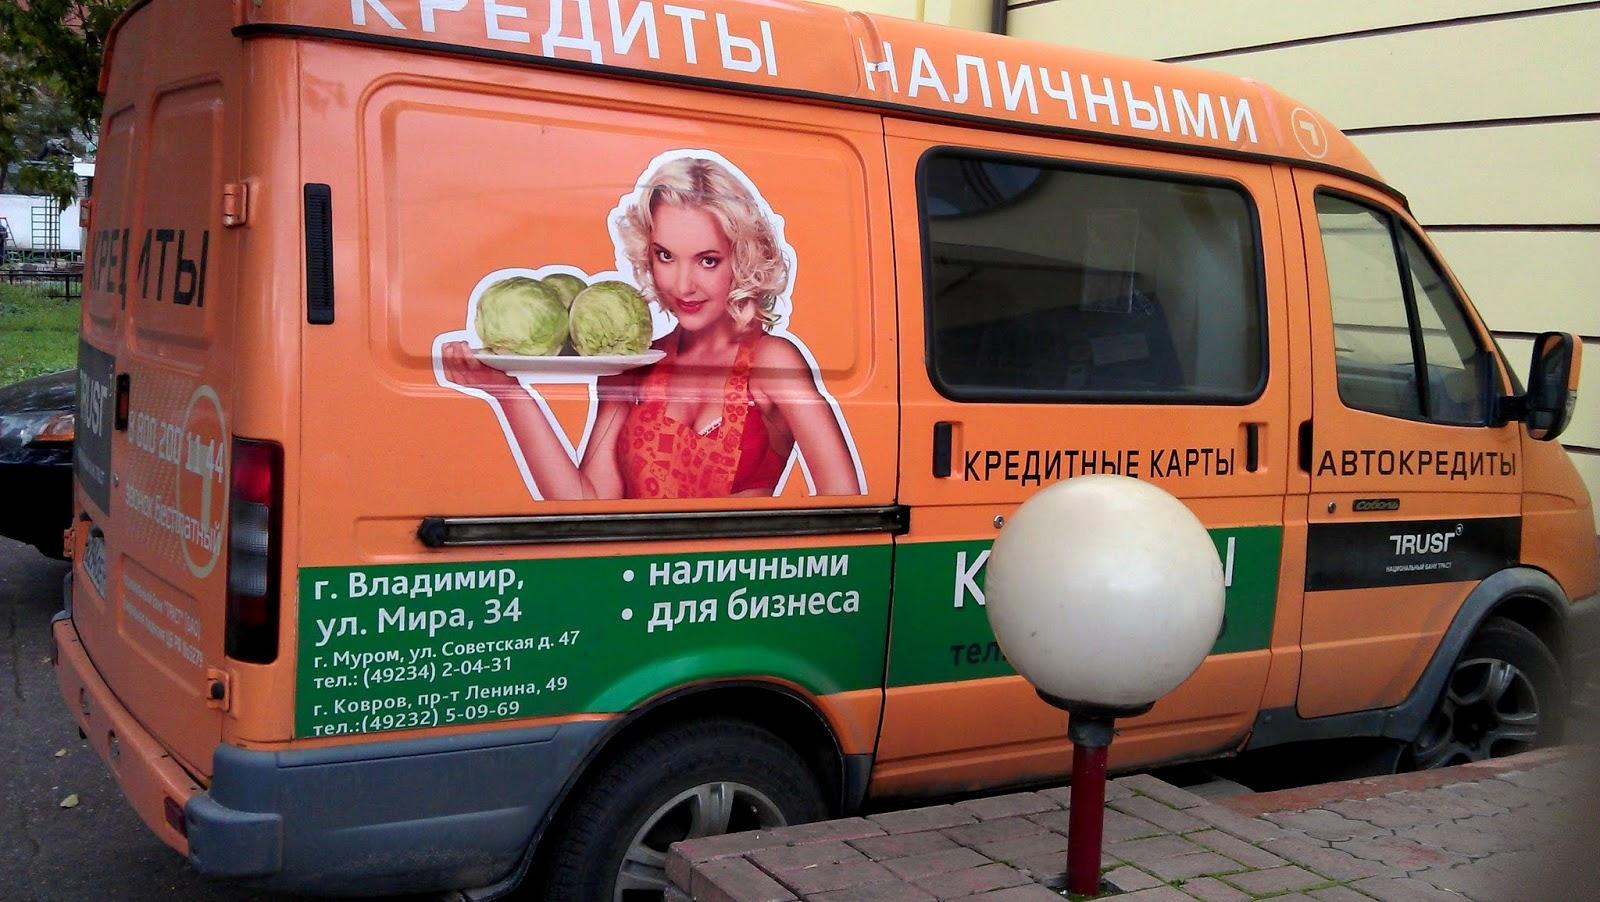 Эскорт услуги девушки н новгород 20 фотография